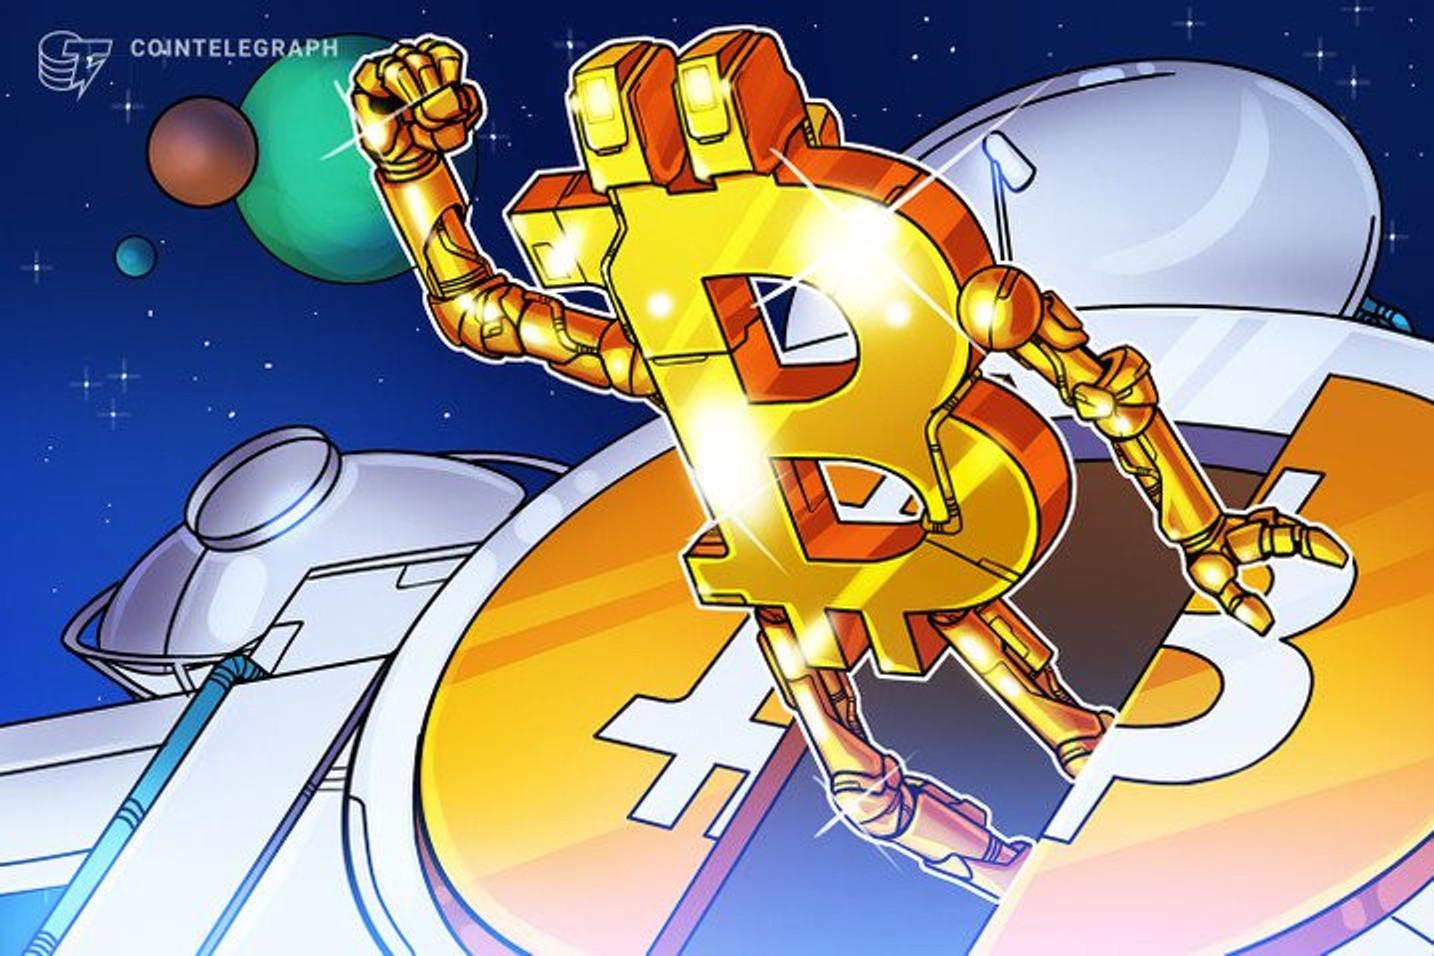 Anthony Pompliano predice una revalorización 1,288% en el precio de Bitcoin por el halving y el coronavirus